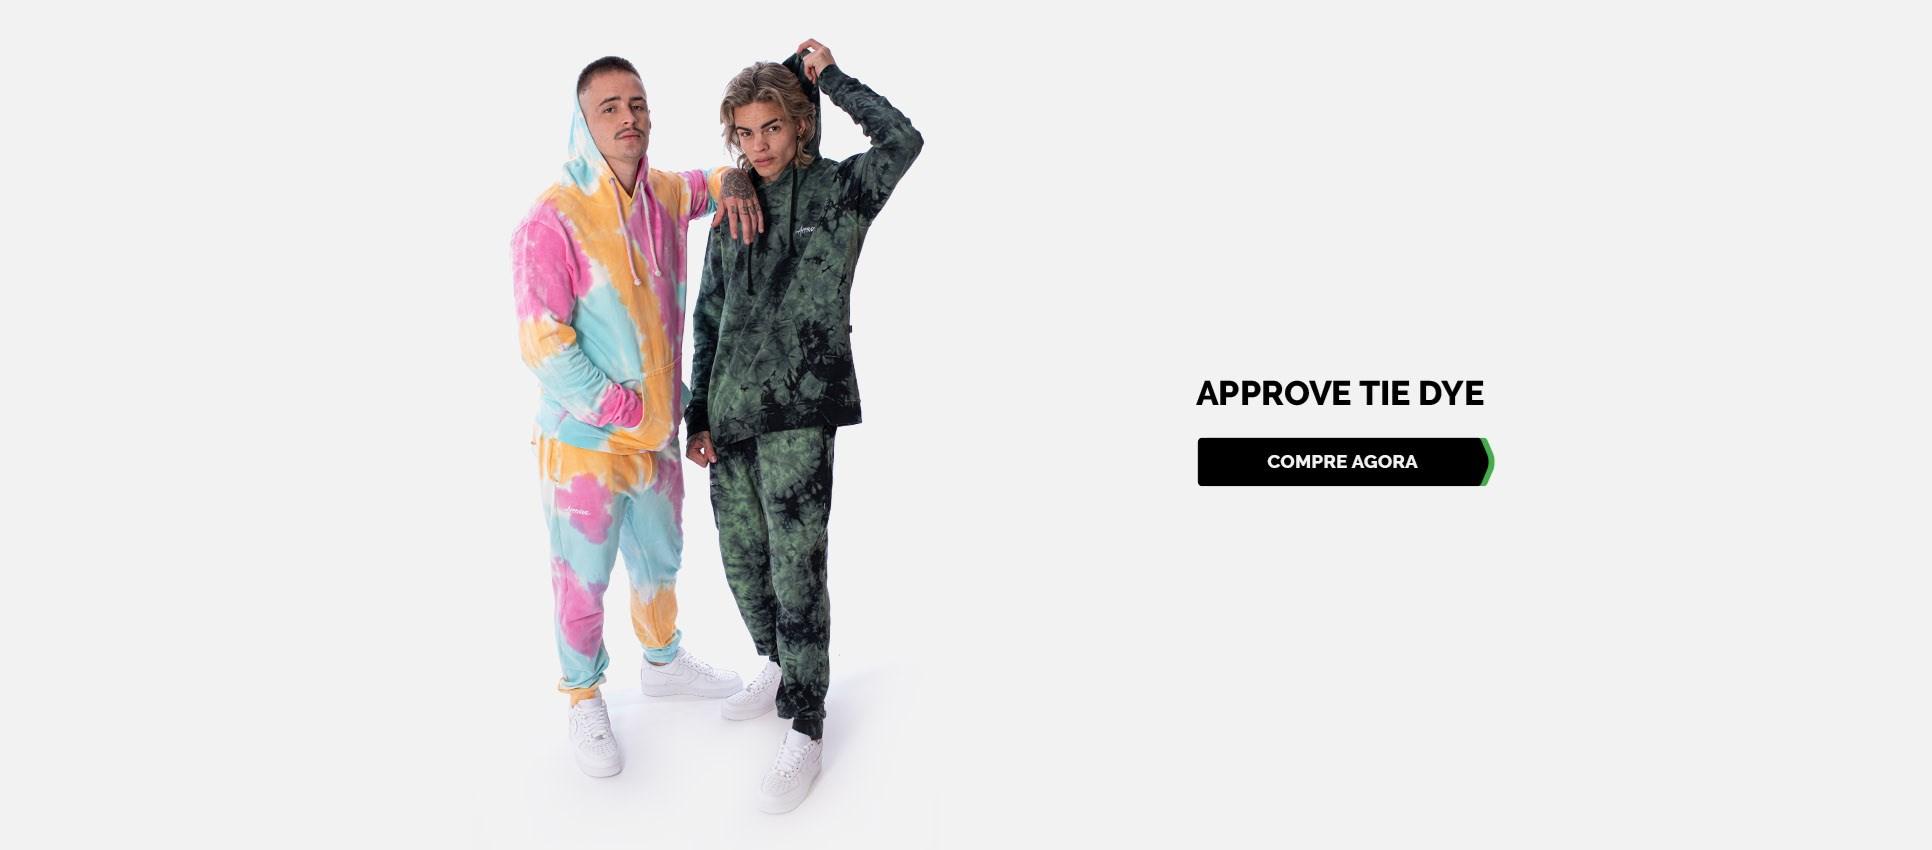 Tie Dye - Approve